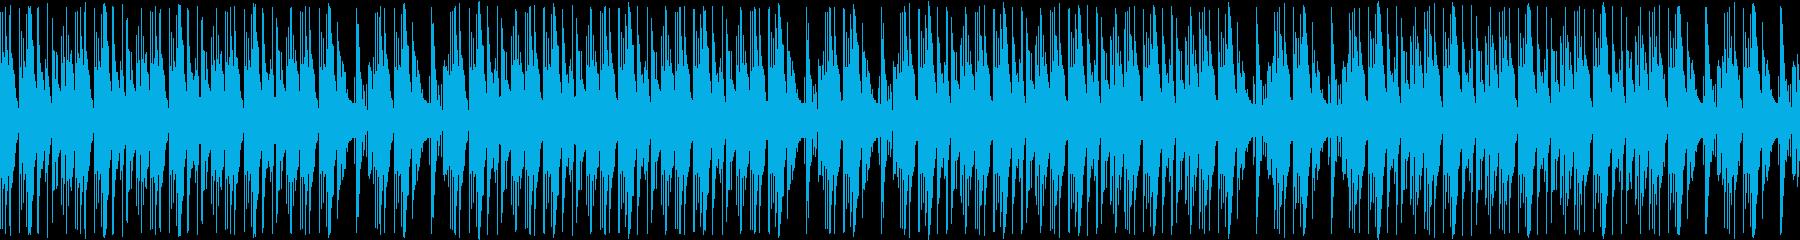 【ダンジョン/工場/ゲーム/BGM】の再生済みの波形